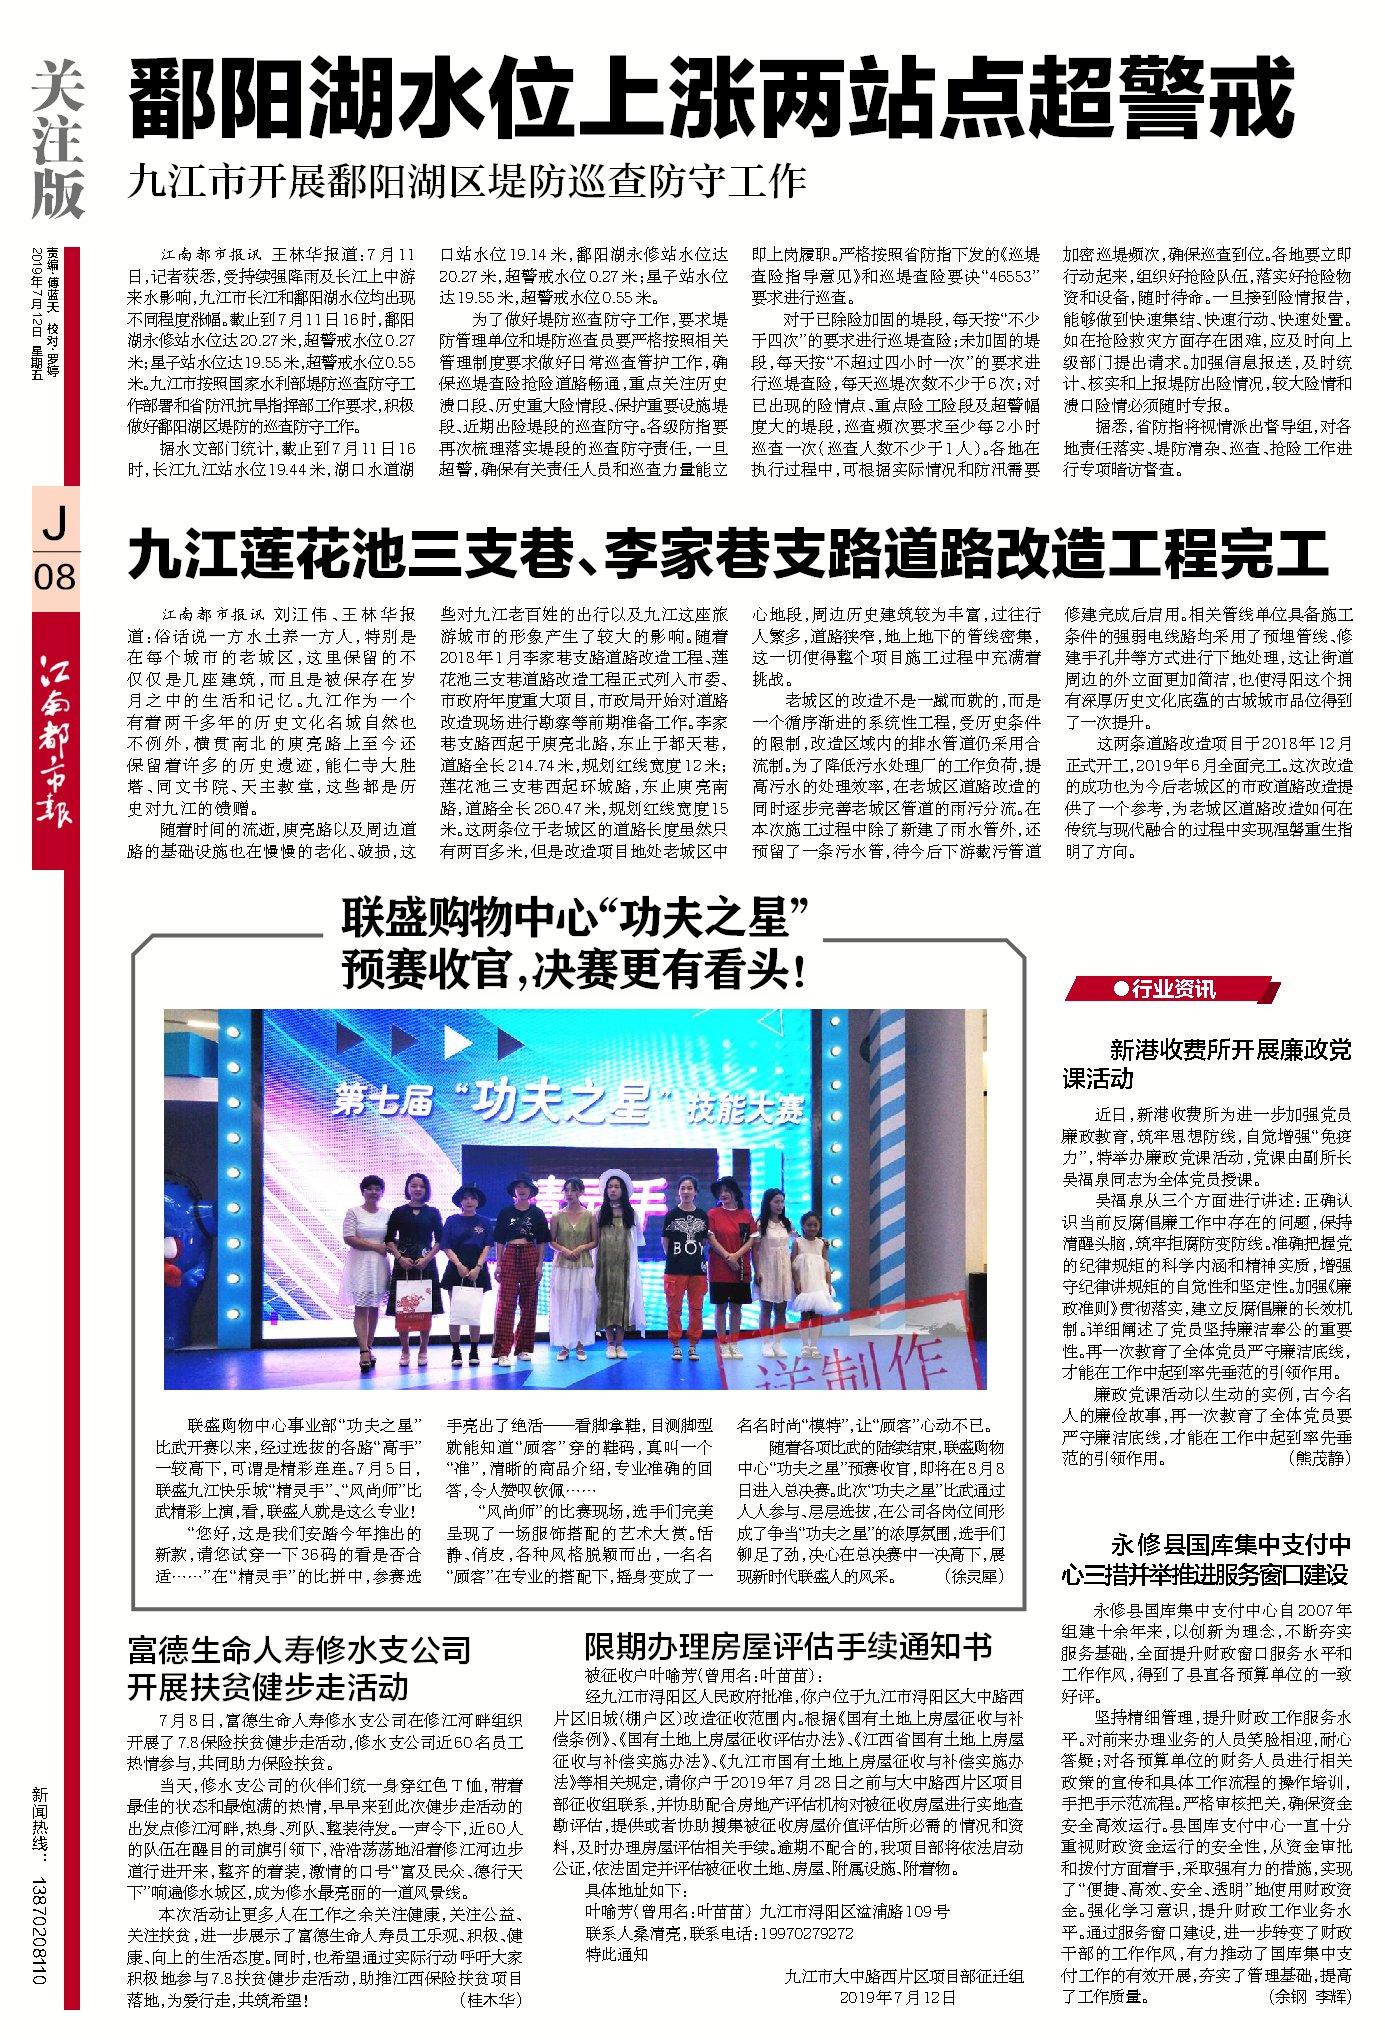 2019年7月12日江南都市报《亚博体育app苹果新闻》关注版